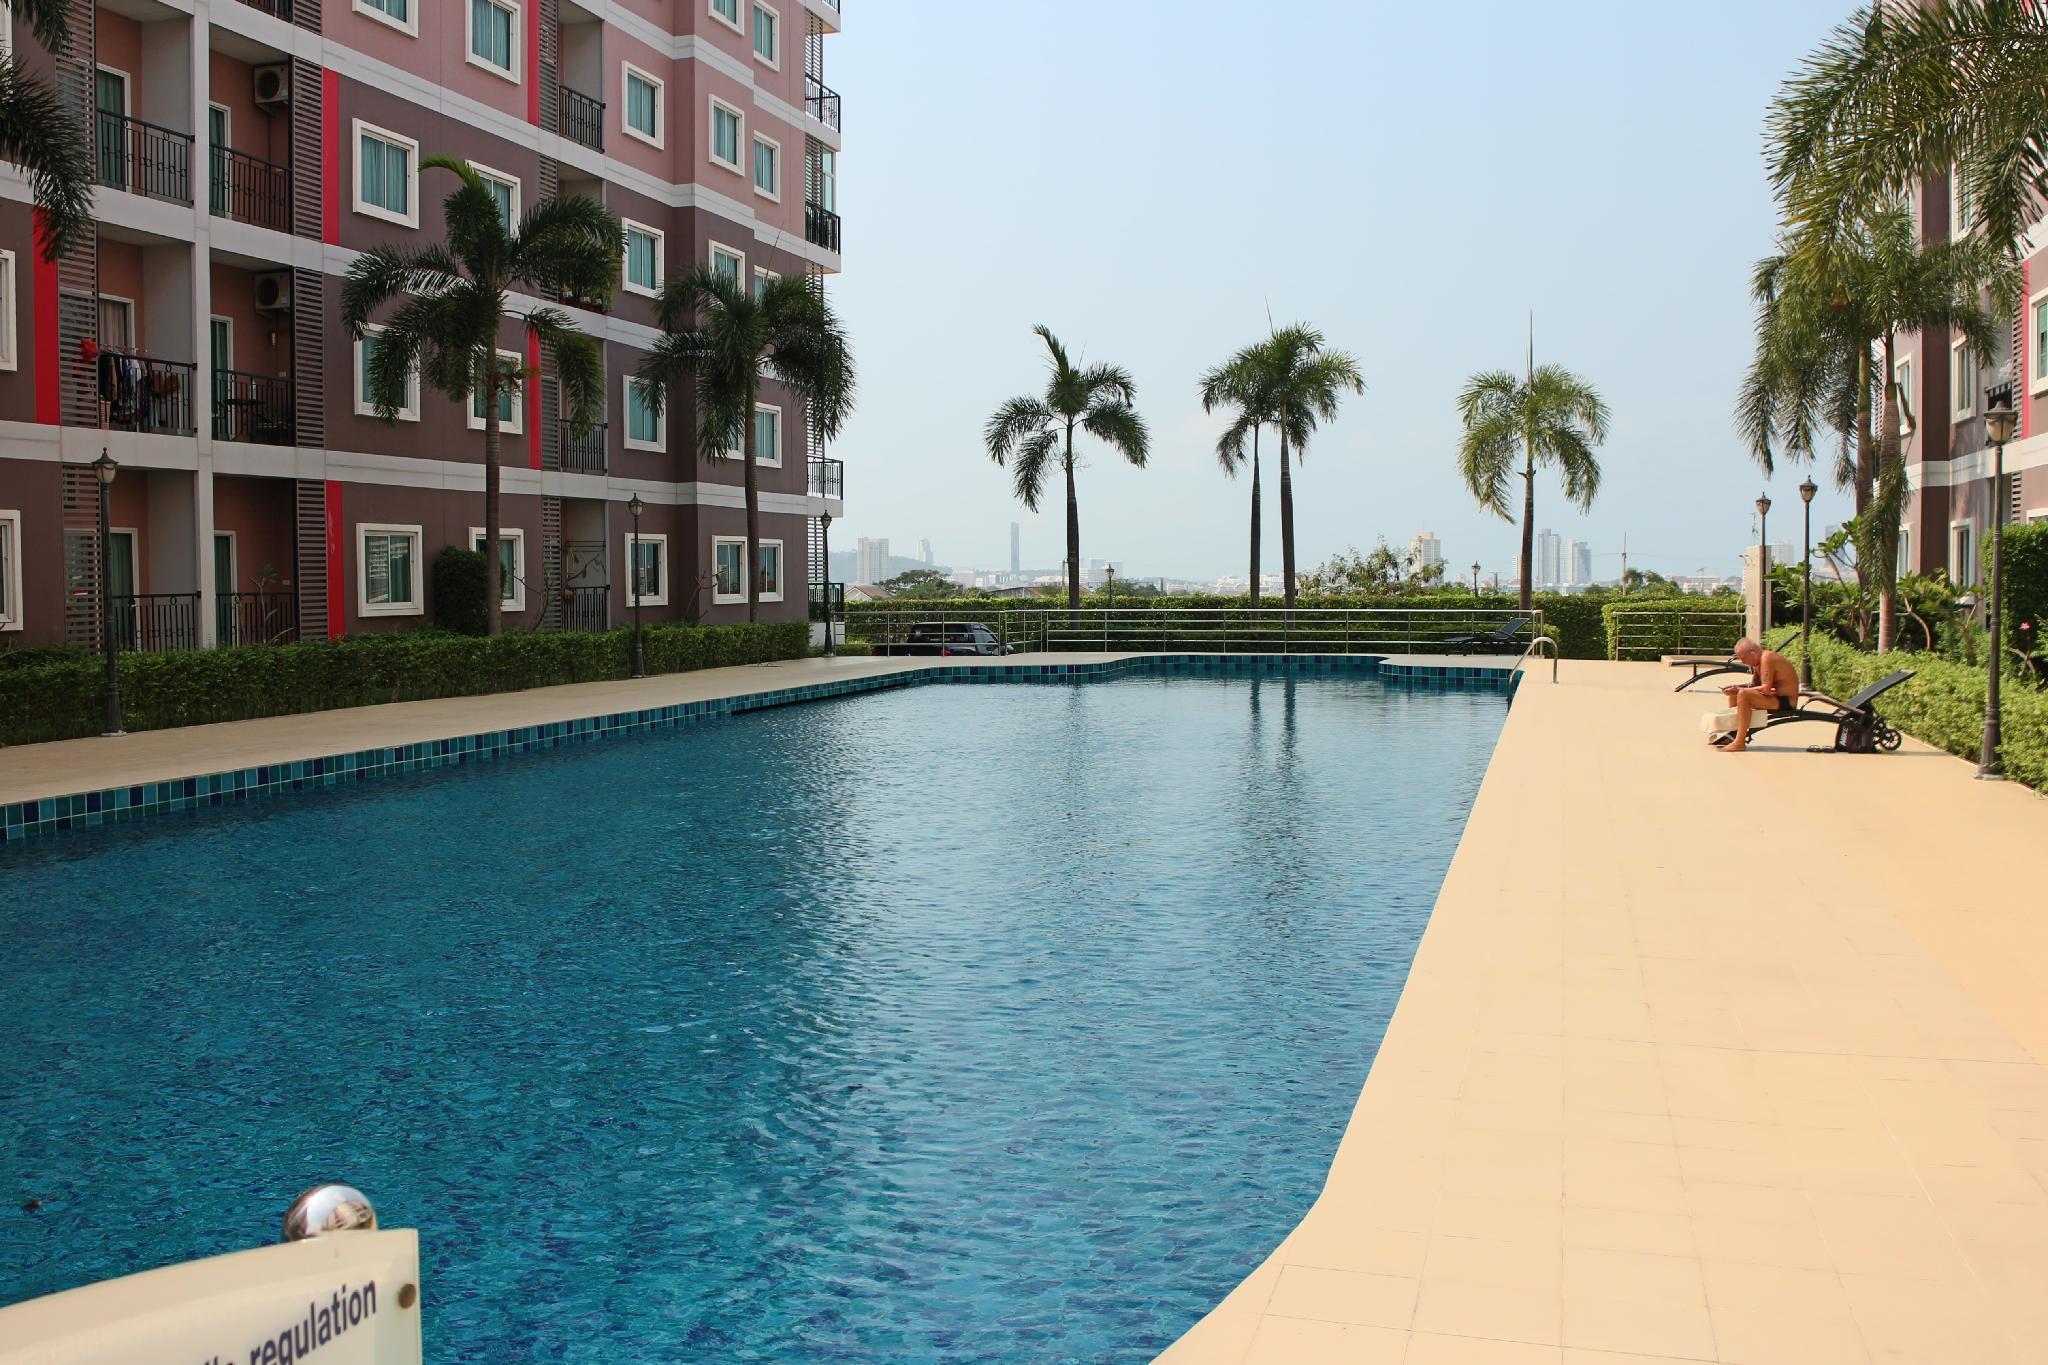 Yi Chi Hotel @ CC Condo 2 สตูดิโอ อพาร์ตเมนต์ 1 ห้องน้ำส่วนตัว ขนาด 34 ตร.ม. – พัทยากลาง